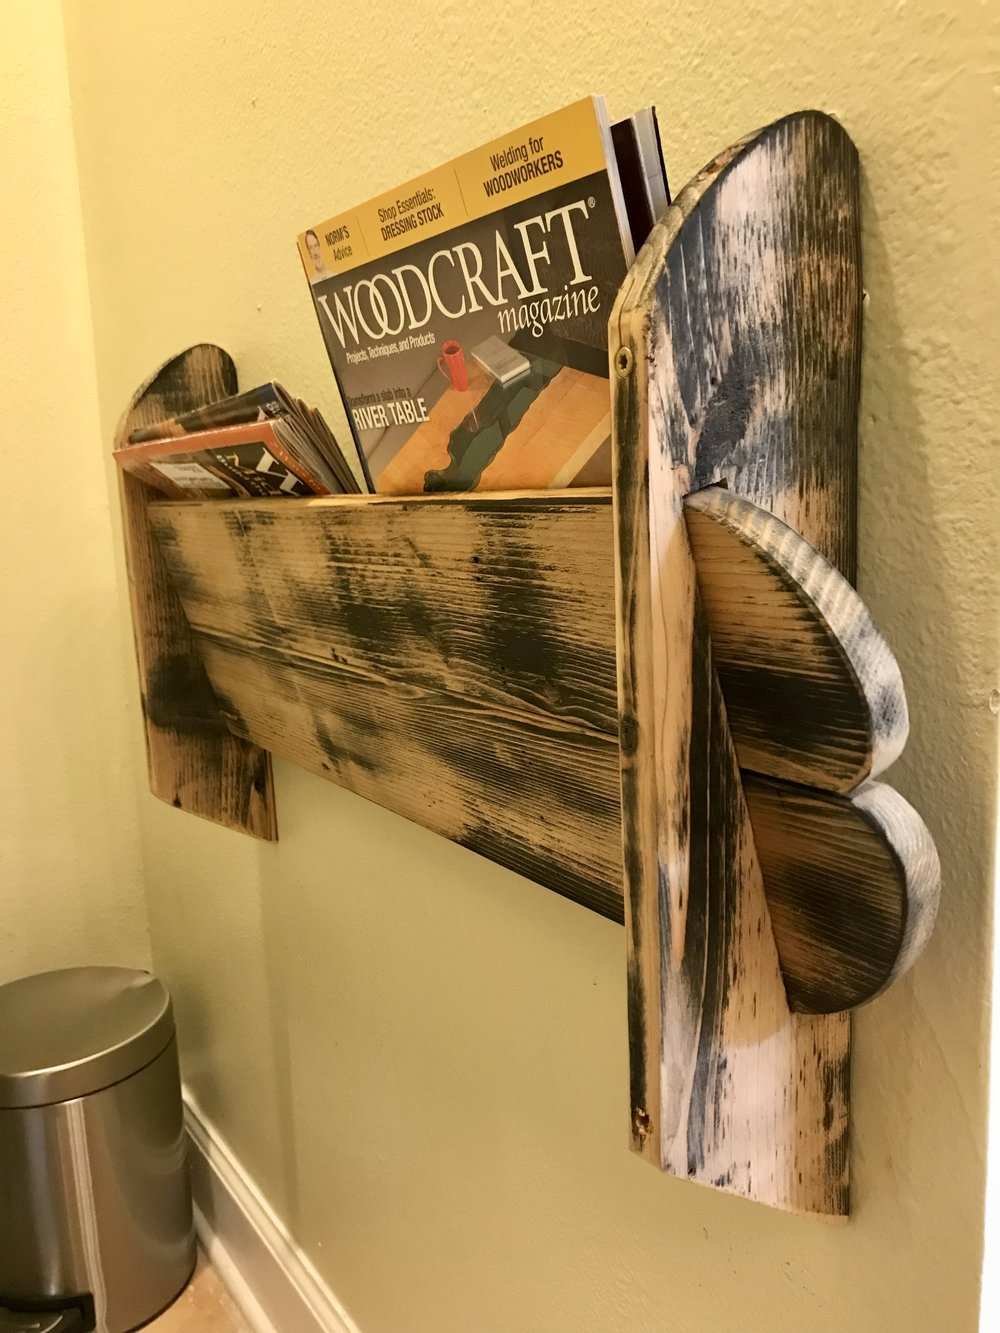 Upcycled magazine holder - Pallet Wood